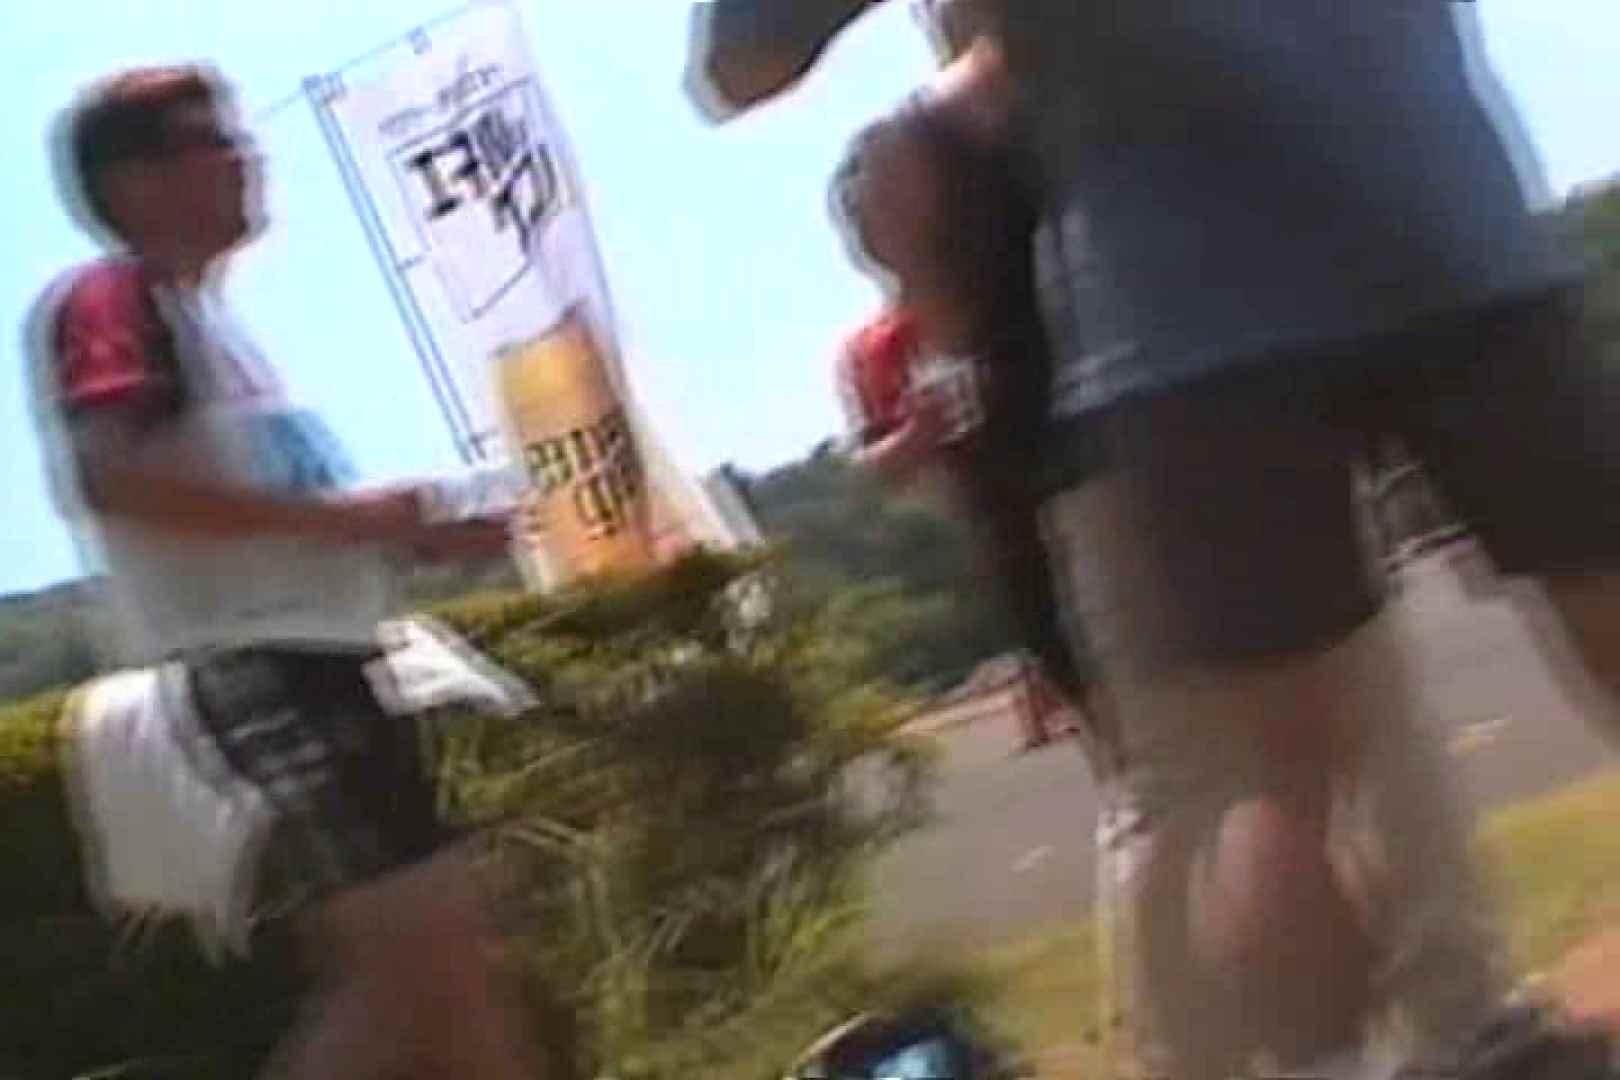 鉄人レース!!トライアスロンに挑む女性達!!Vol.6 OLの実態 | 0  83pic 19